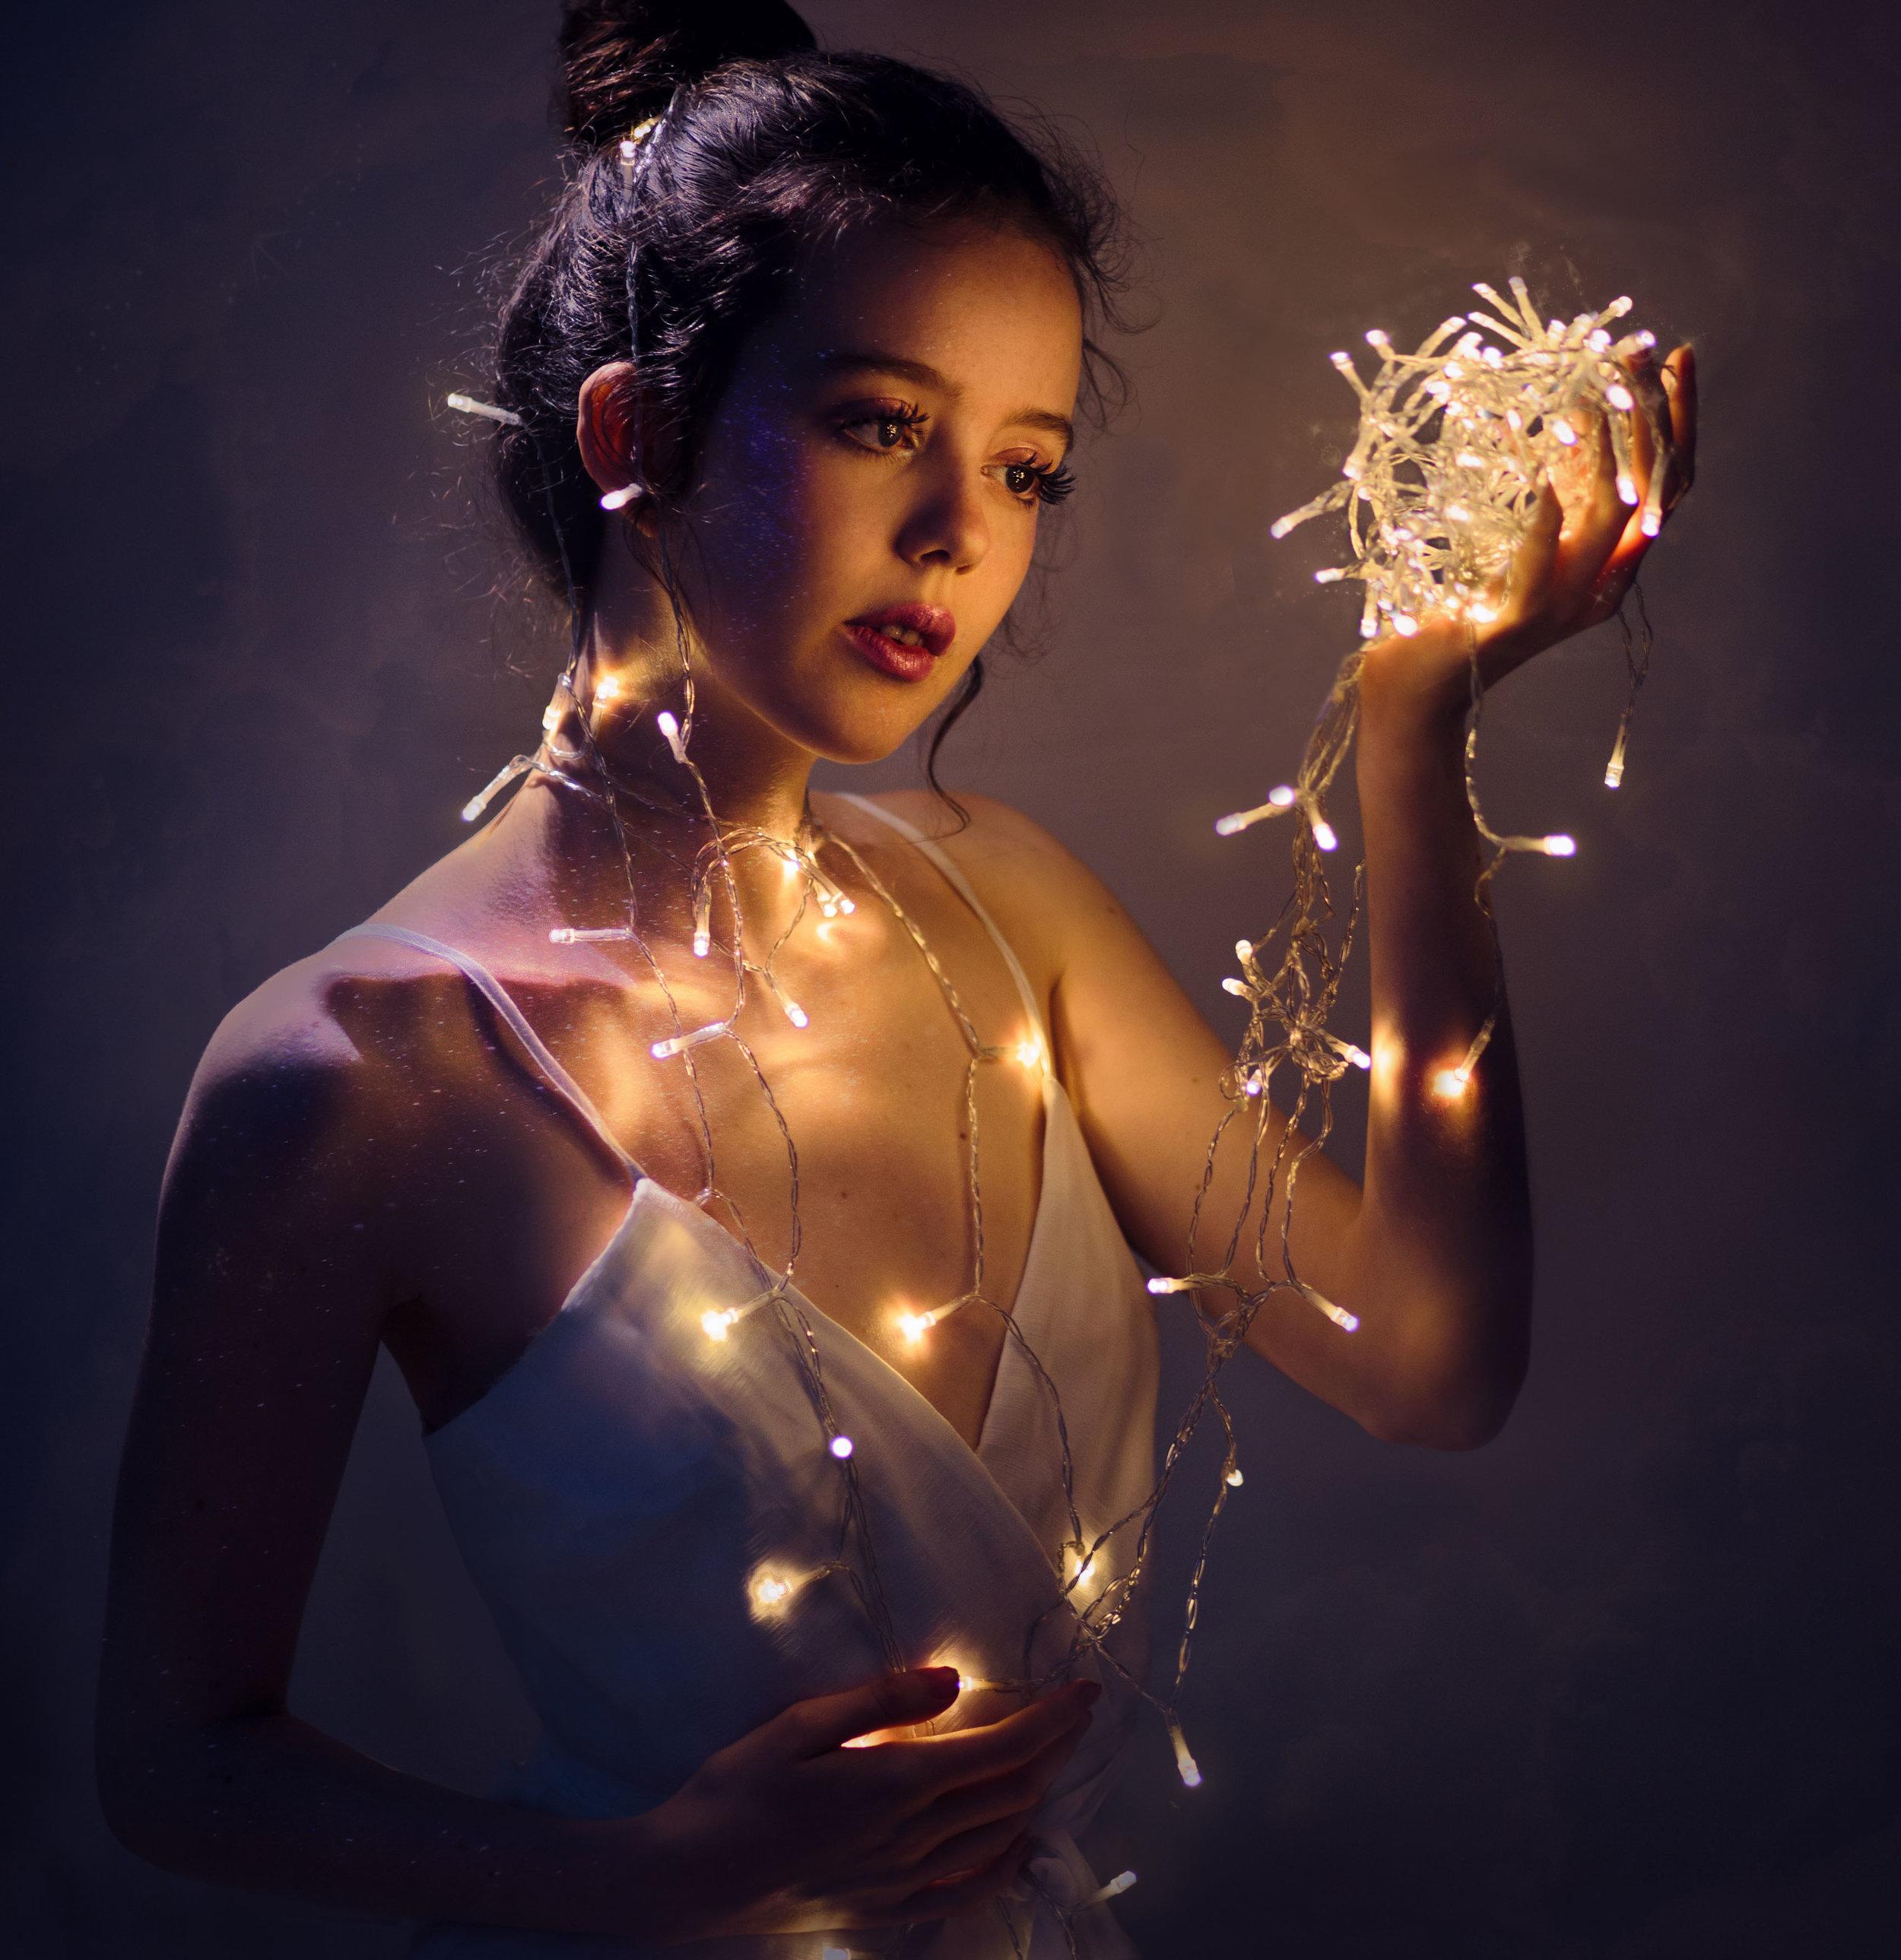 fairylight portrait 1.jpg